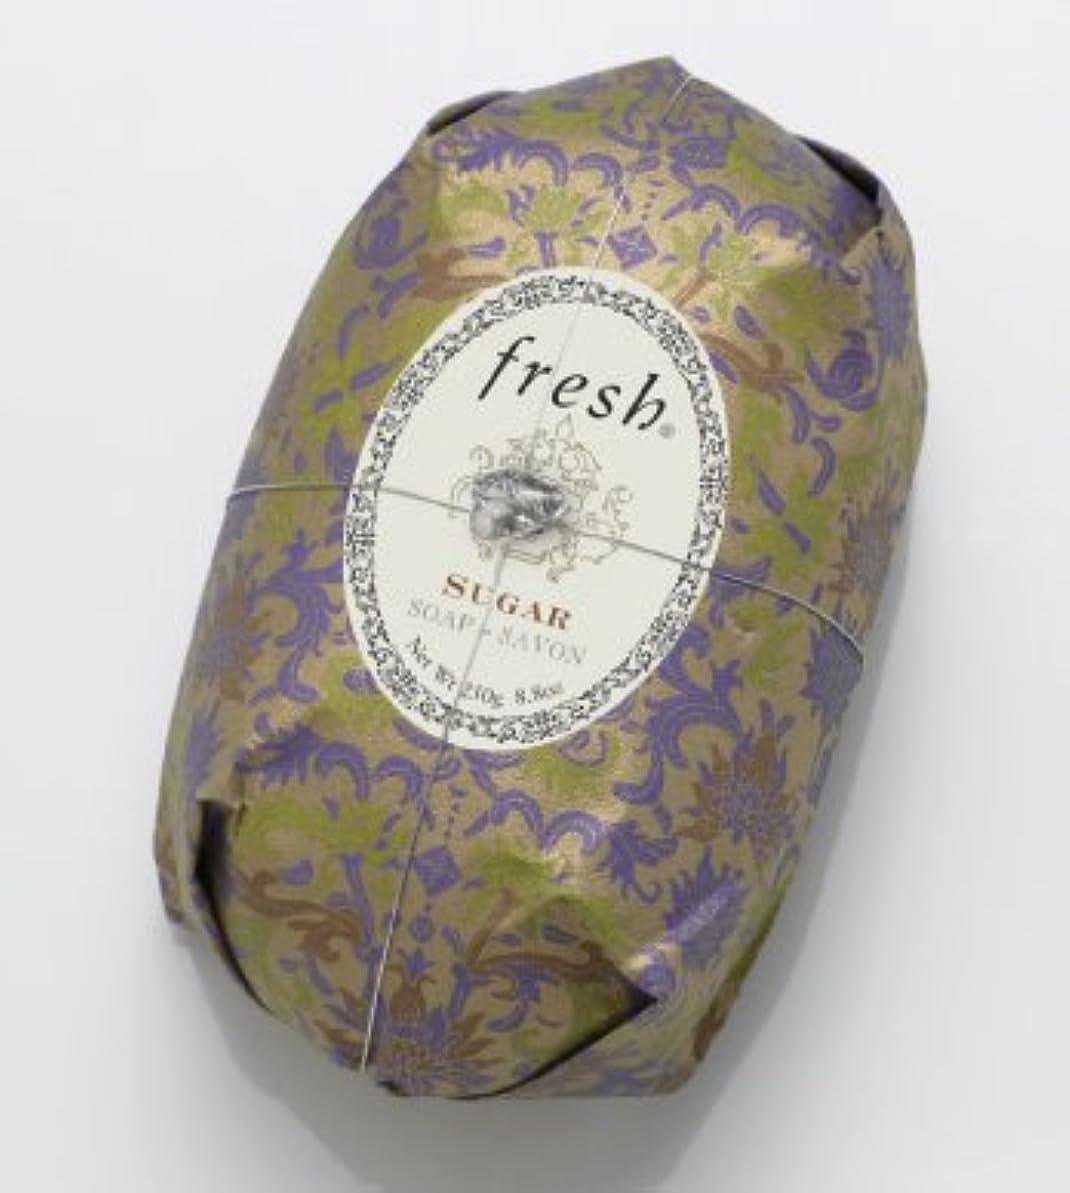 部族フィラデルフィア原点Fresh SUGAR SOAP (フレッシュ シュガー ソープ) 8.8 oz (250g) Soap (石鹸) by Fresh